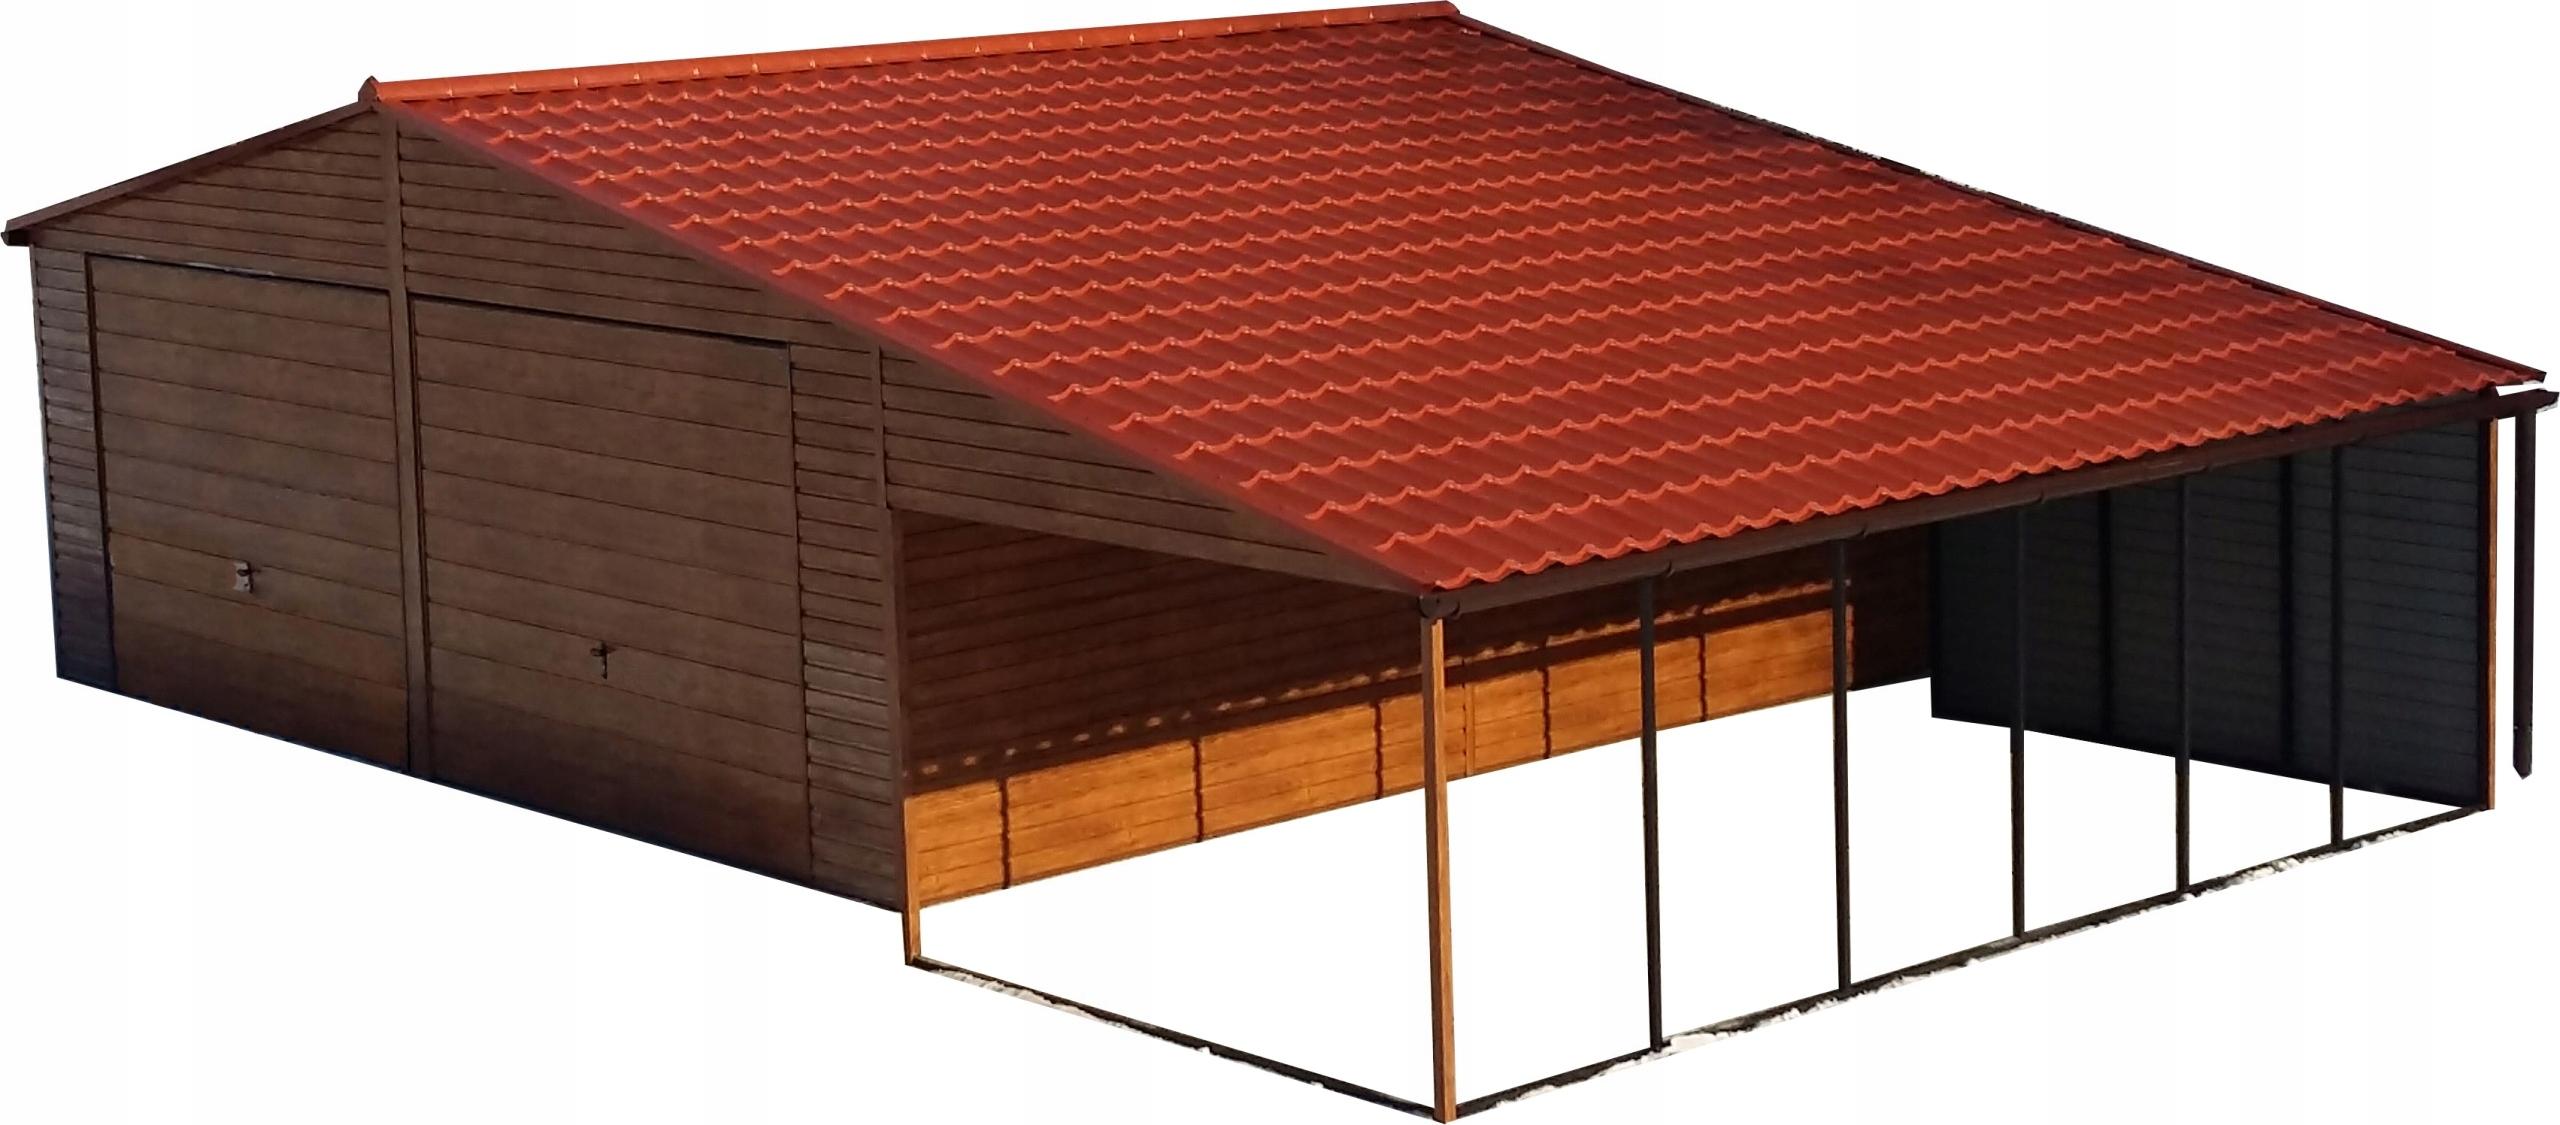 Garaż Blaszany Drewnopodobny Nowość 7485440675 Oficjalne